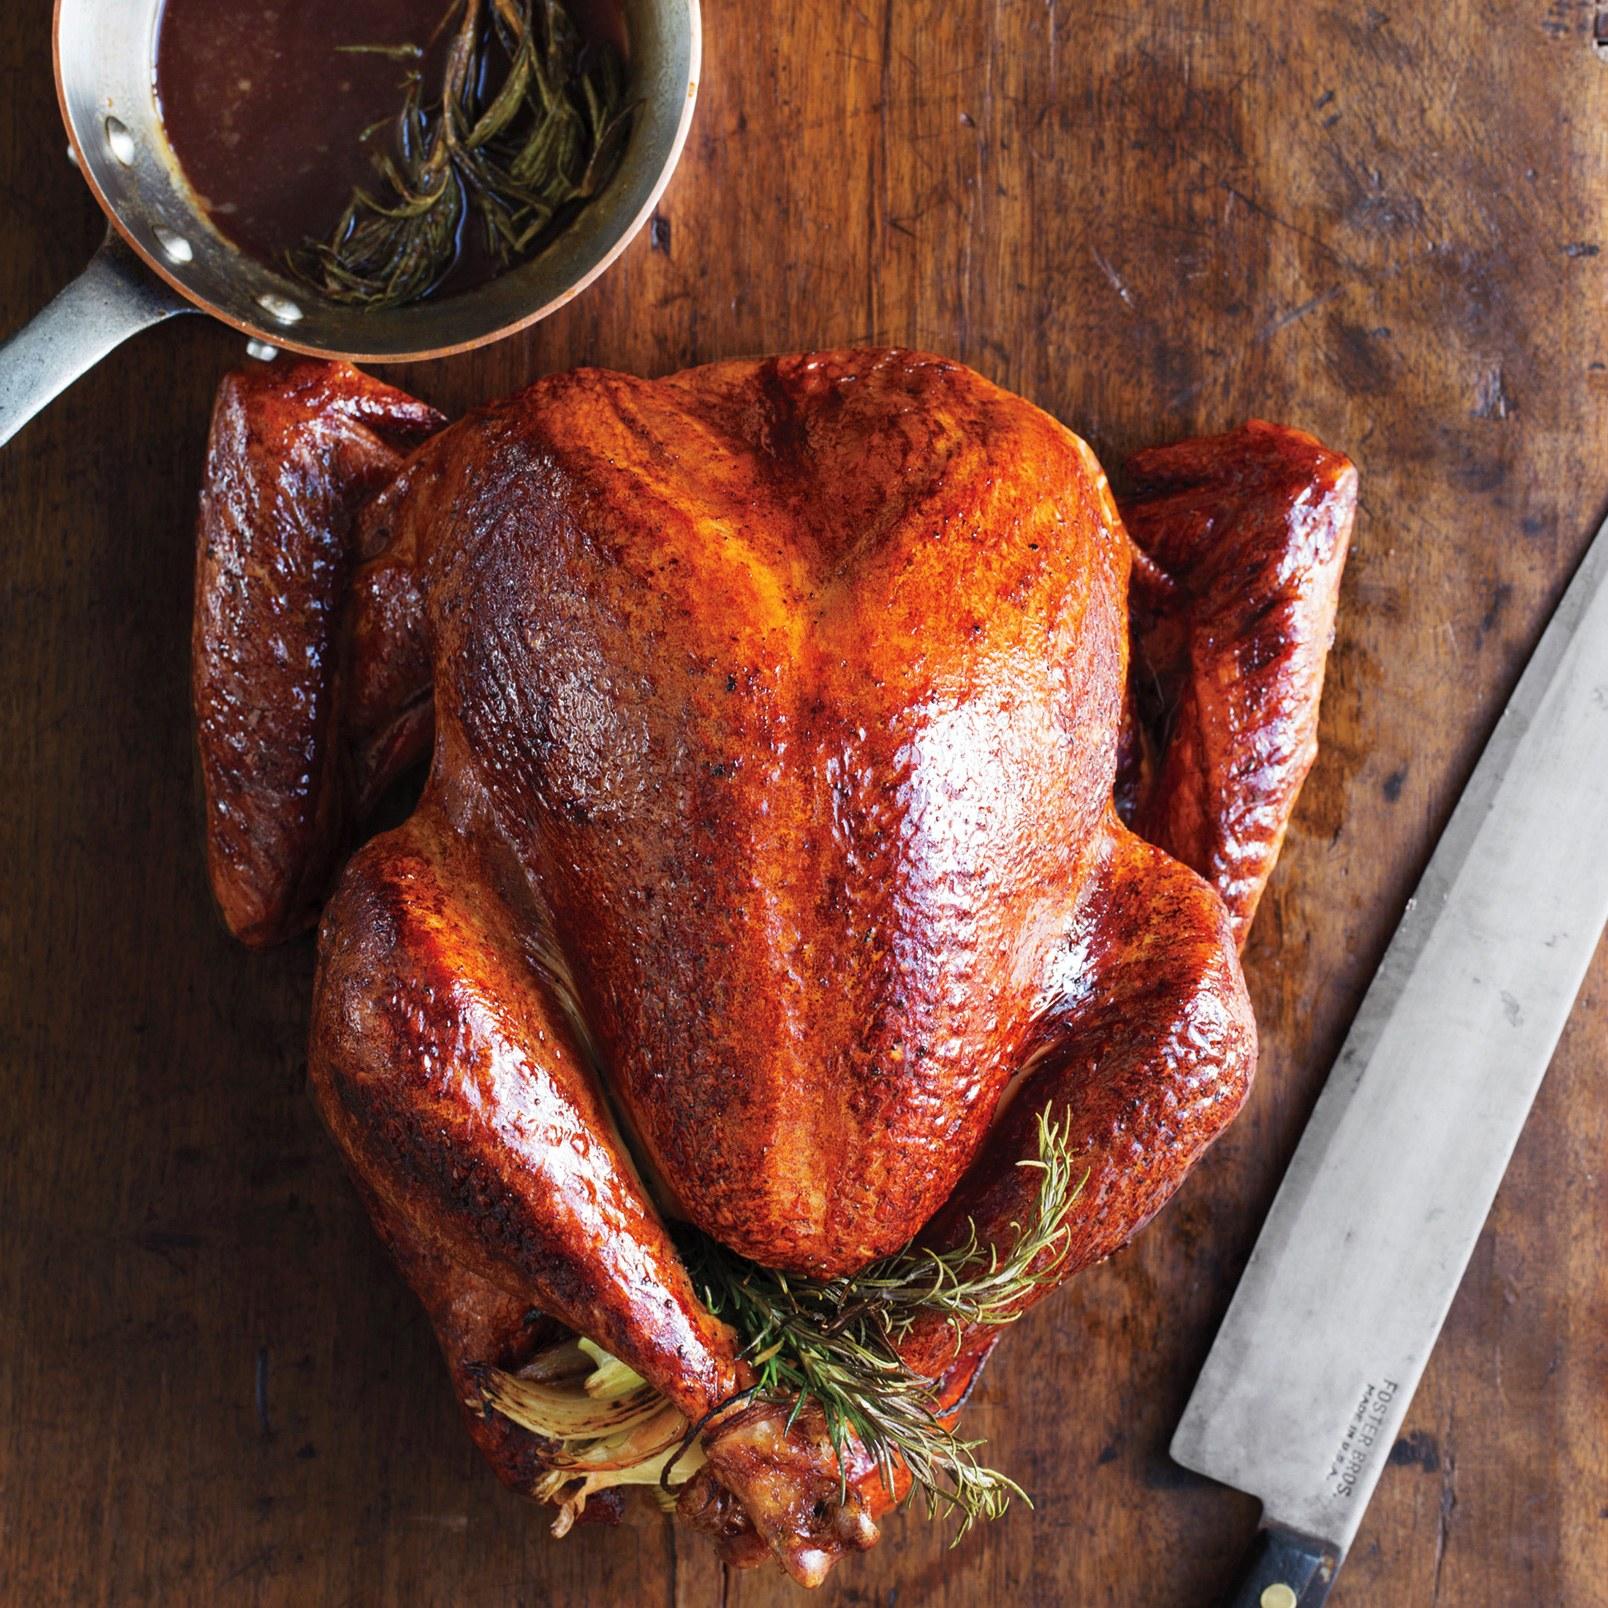 Рождественская индейка: рецепт приготовления в духовке с маленькими хитростями - фото №1